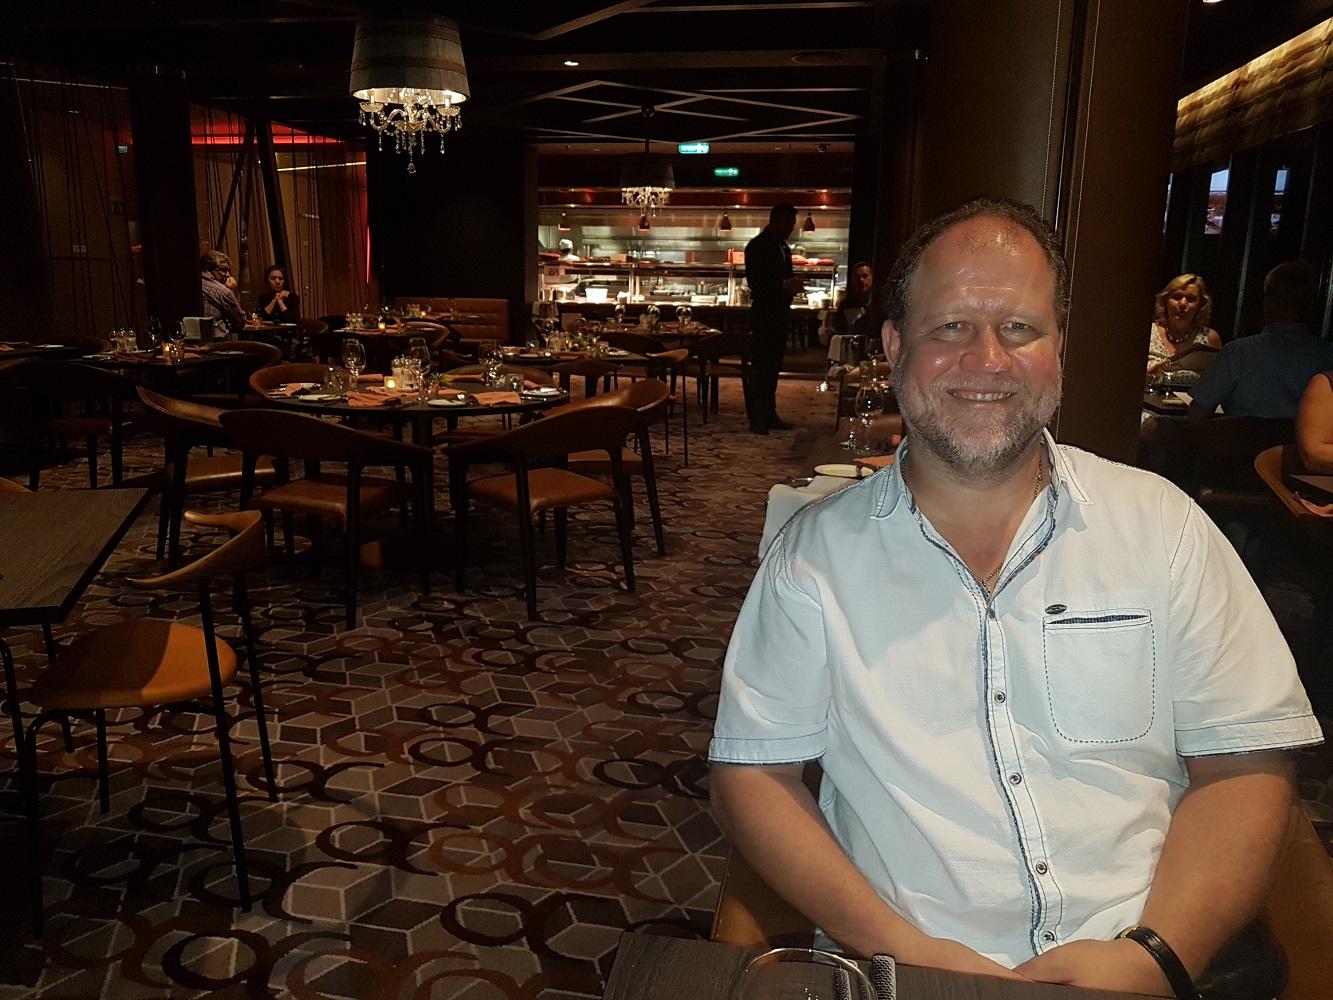 Mein Schiff Gast Lutz Vieweg im Steakhouse Surf & Turf